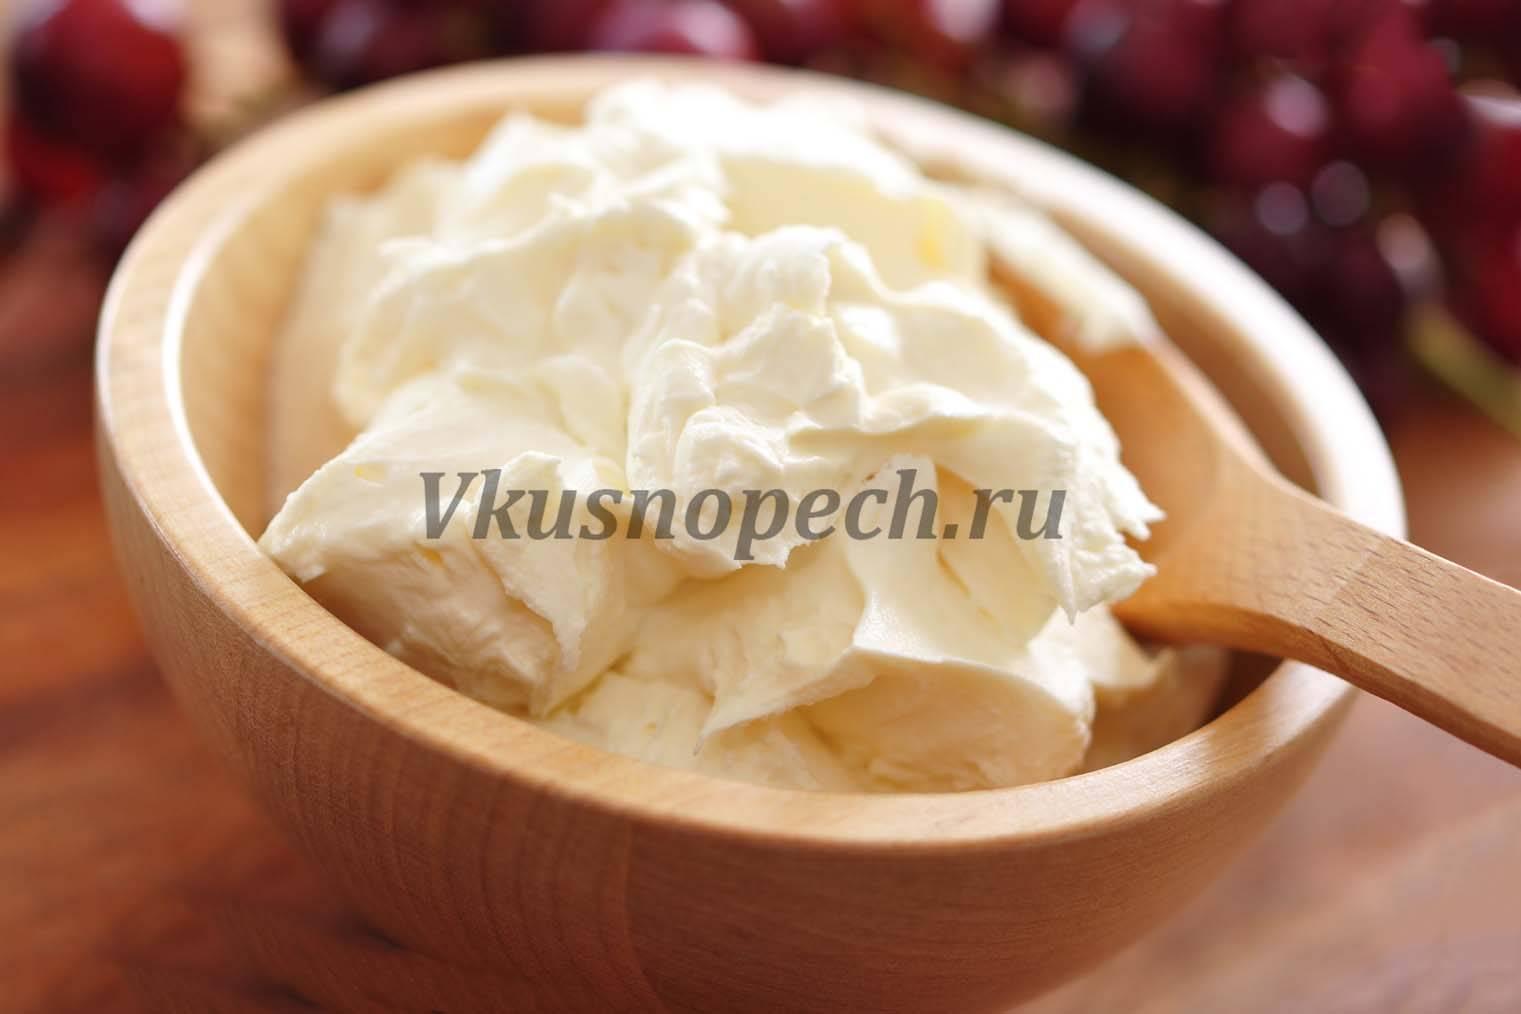 Заварной крем для торта -рецепты с молоком, сливками и на воде, с лимоном и какао